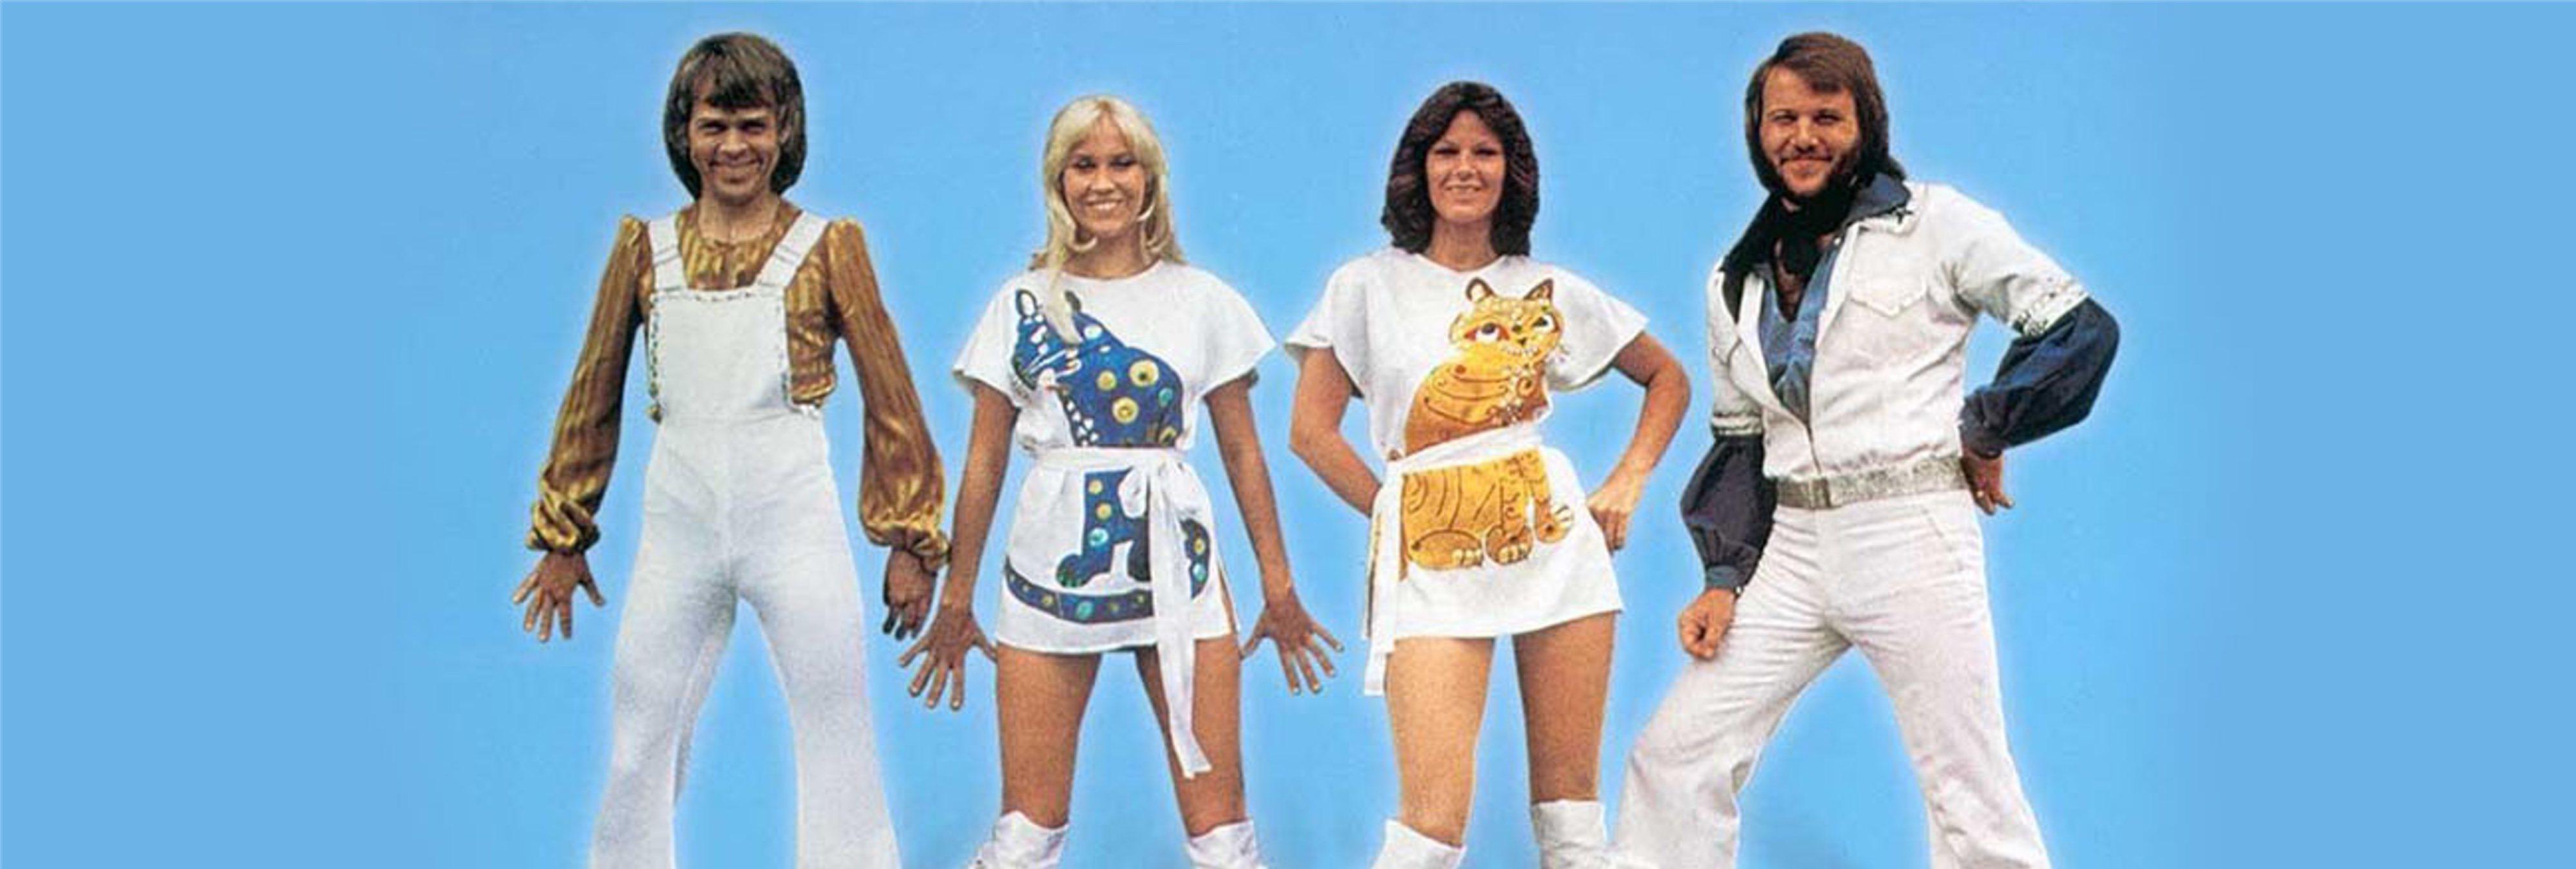 El regreso ABBA: la banda sueca anuncia nuevas canciones y una gira